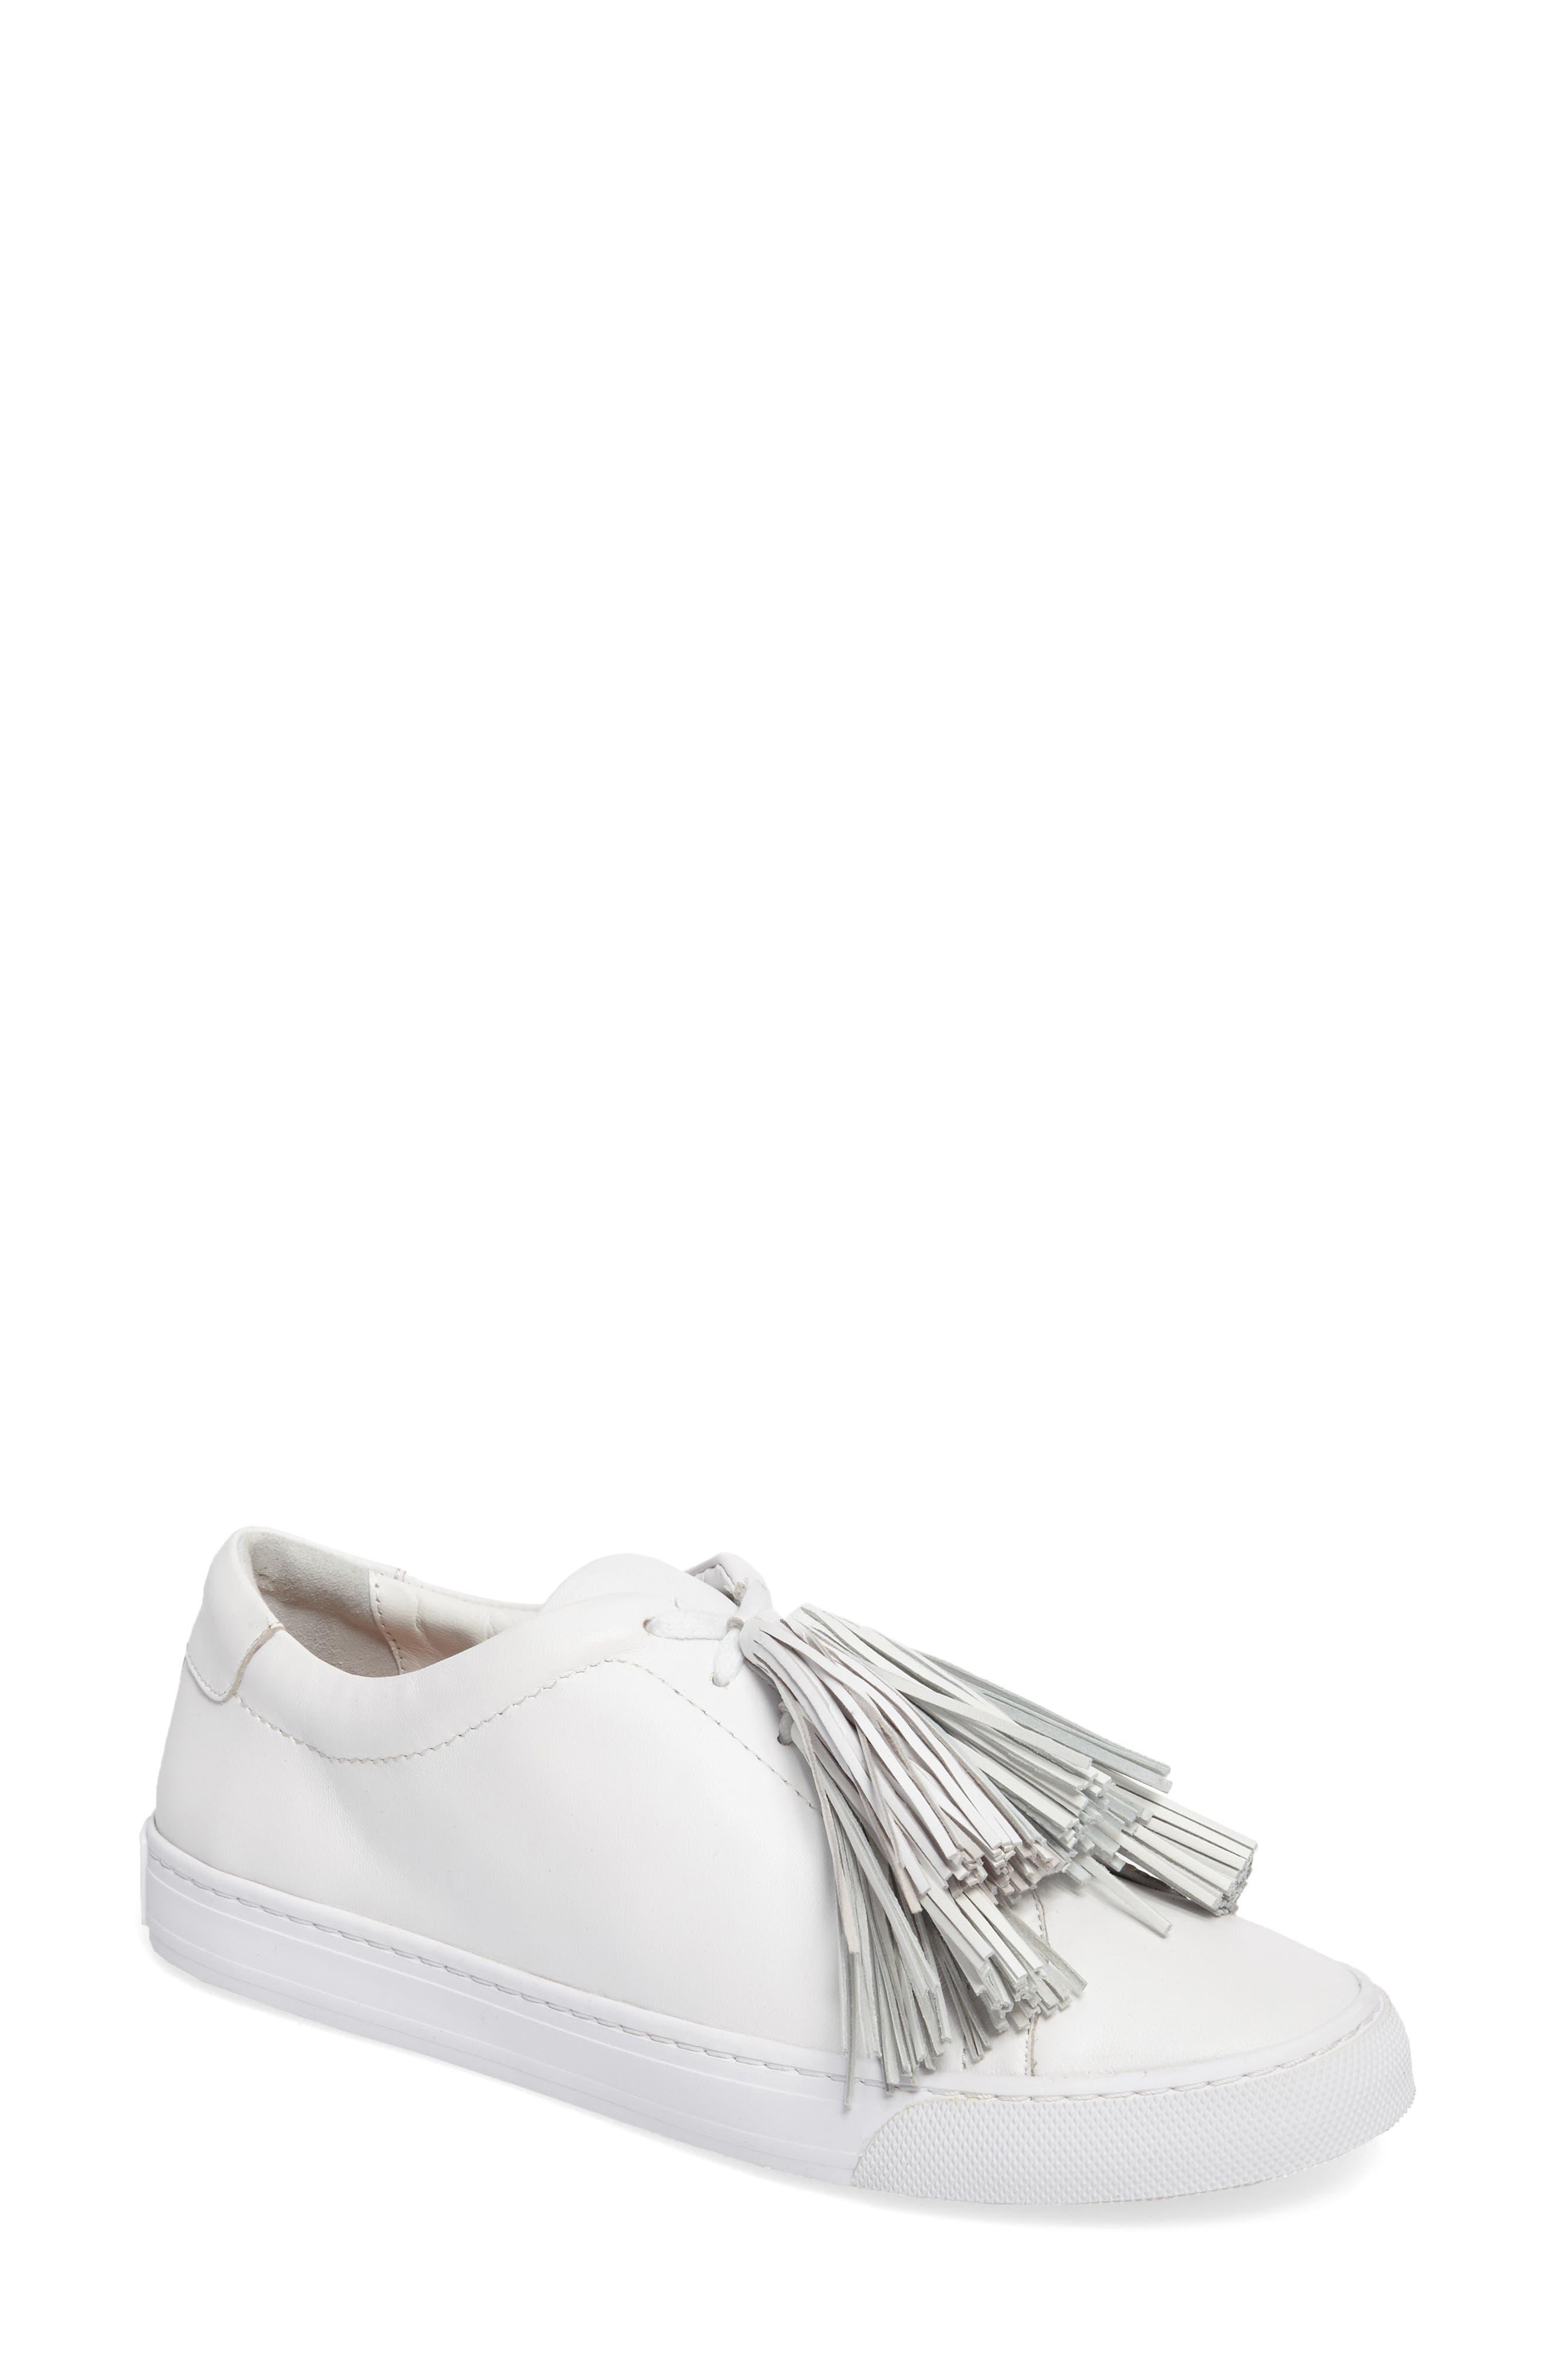 Logan Sneaker,                         Main,                         color, Optic White